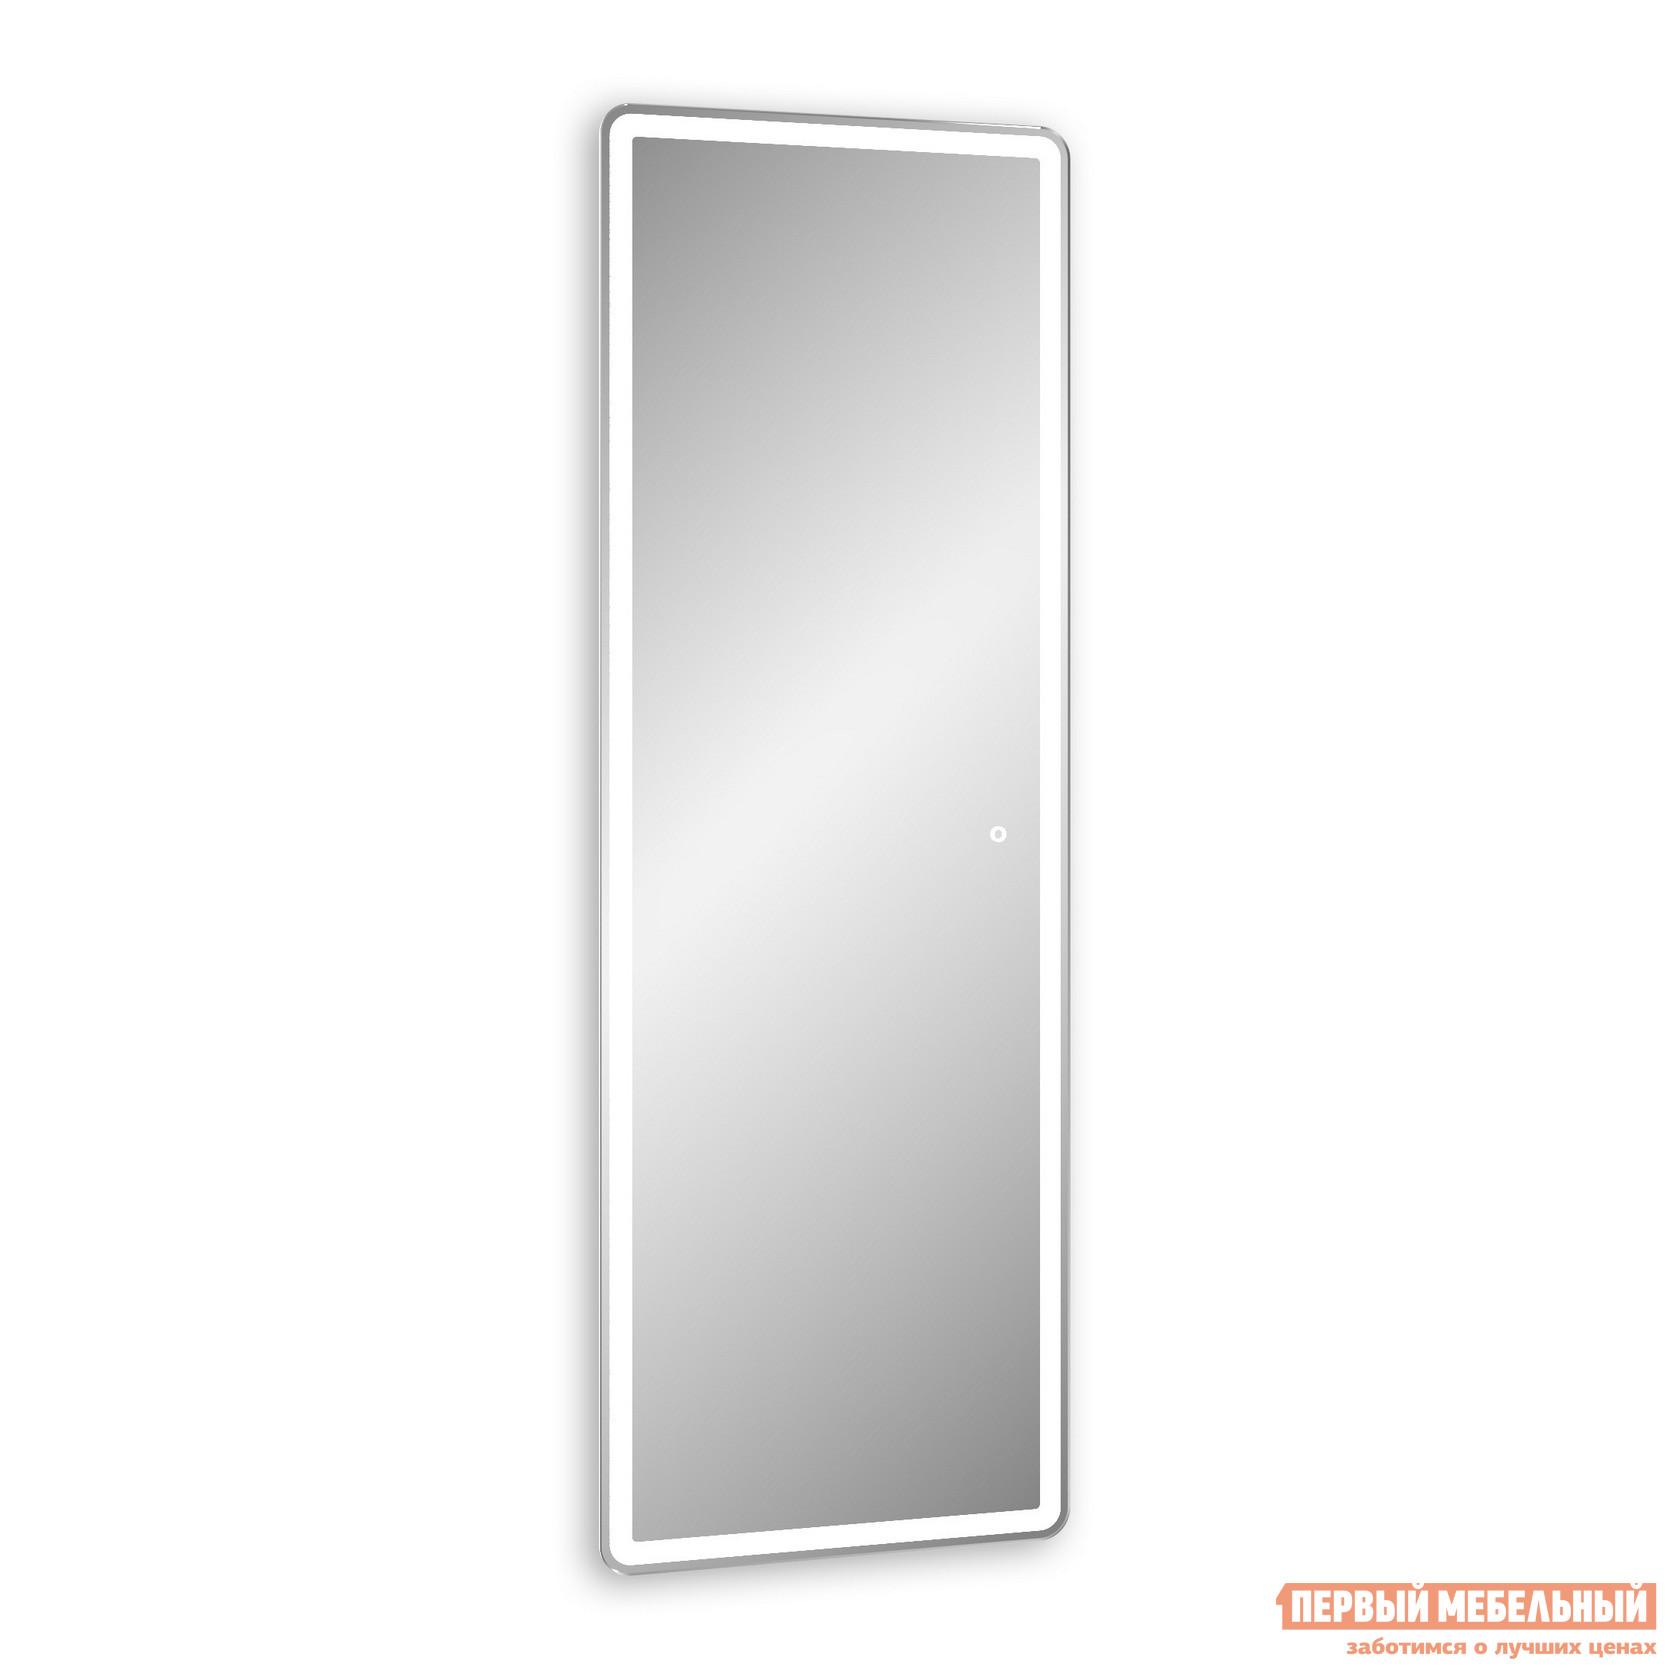 Настенное зеркало Континент Зеркало ЗЛП445 Loren LED 455х1350 настенное зеркало континент зеркало згп23